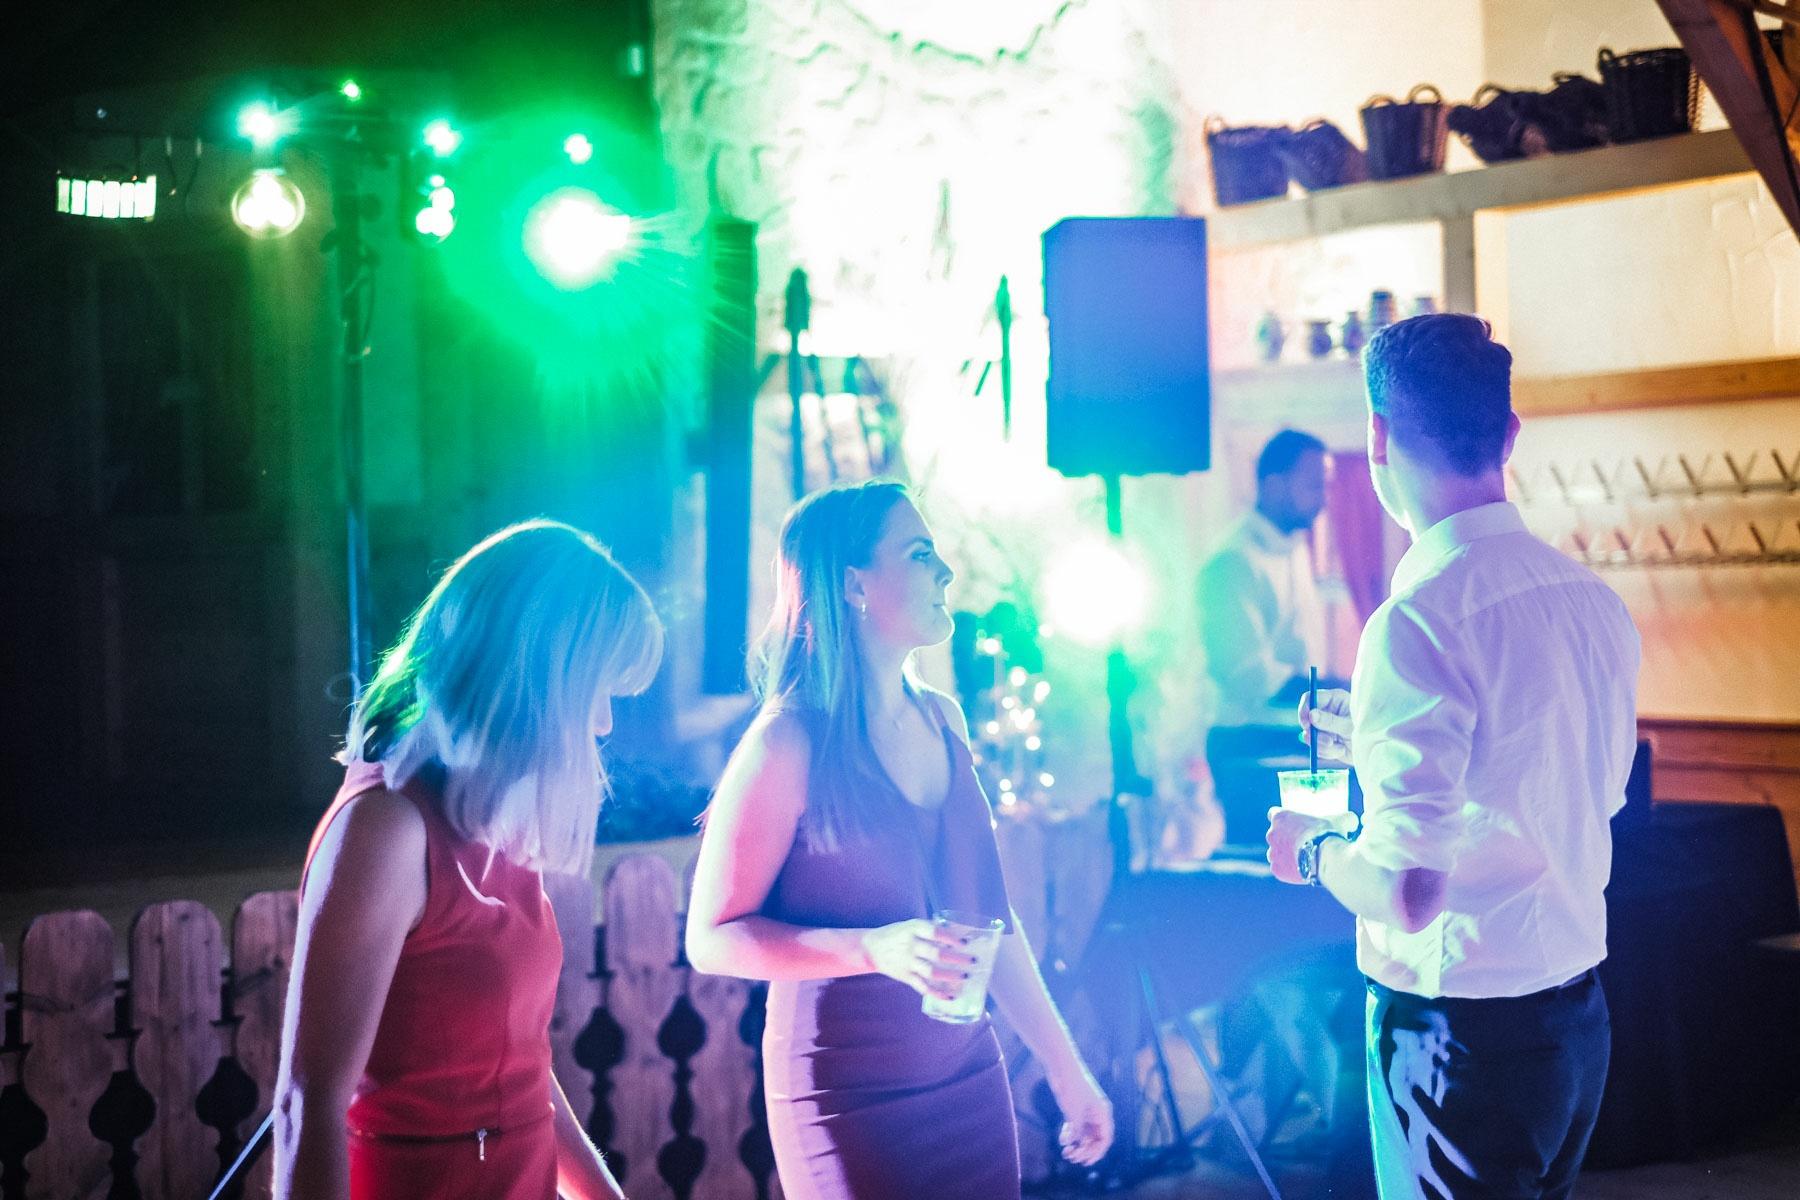 Hochzeitsreportage KirchlicheTrauungKiller BeatriceSven Hochzeitsfotograf authentische Fotos Albstadl MarcusBraun Fotografie www.mb fotografie.de 029 - Beatrice & Sven Hochzeitsreportage in Killer & Schaebischer Albstadl.